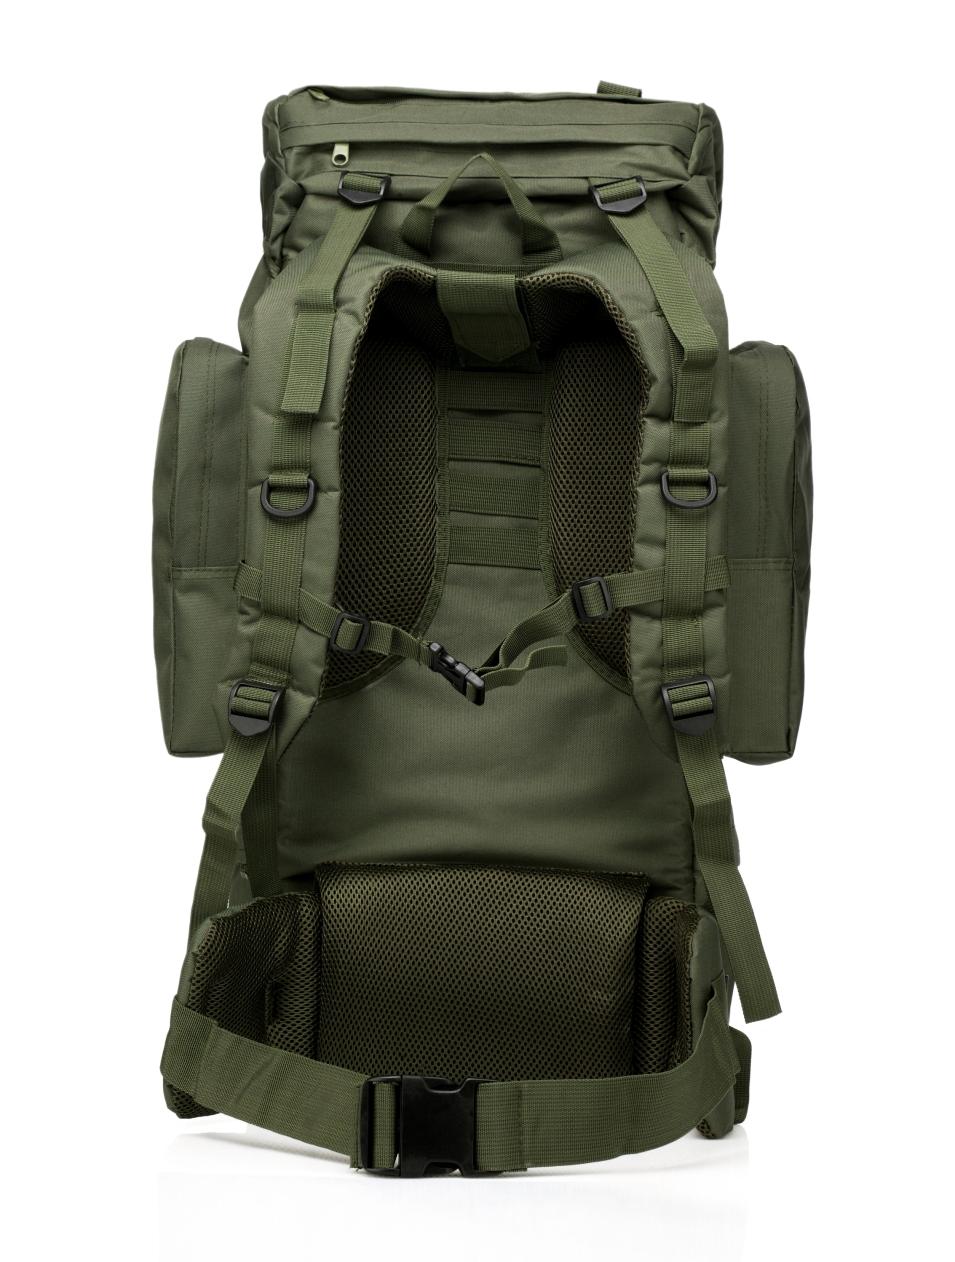 Функционал на полную! Многодневный тактический рюкзак «Морская пехота»